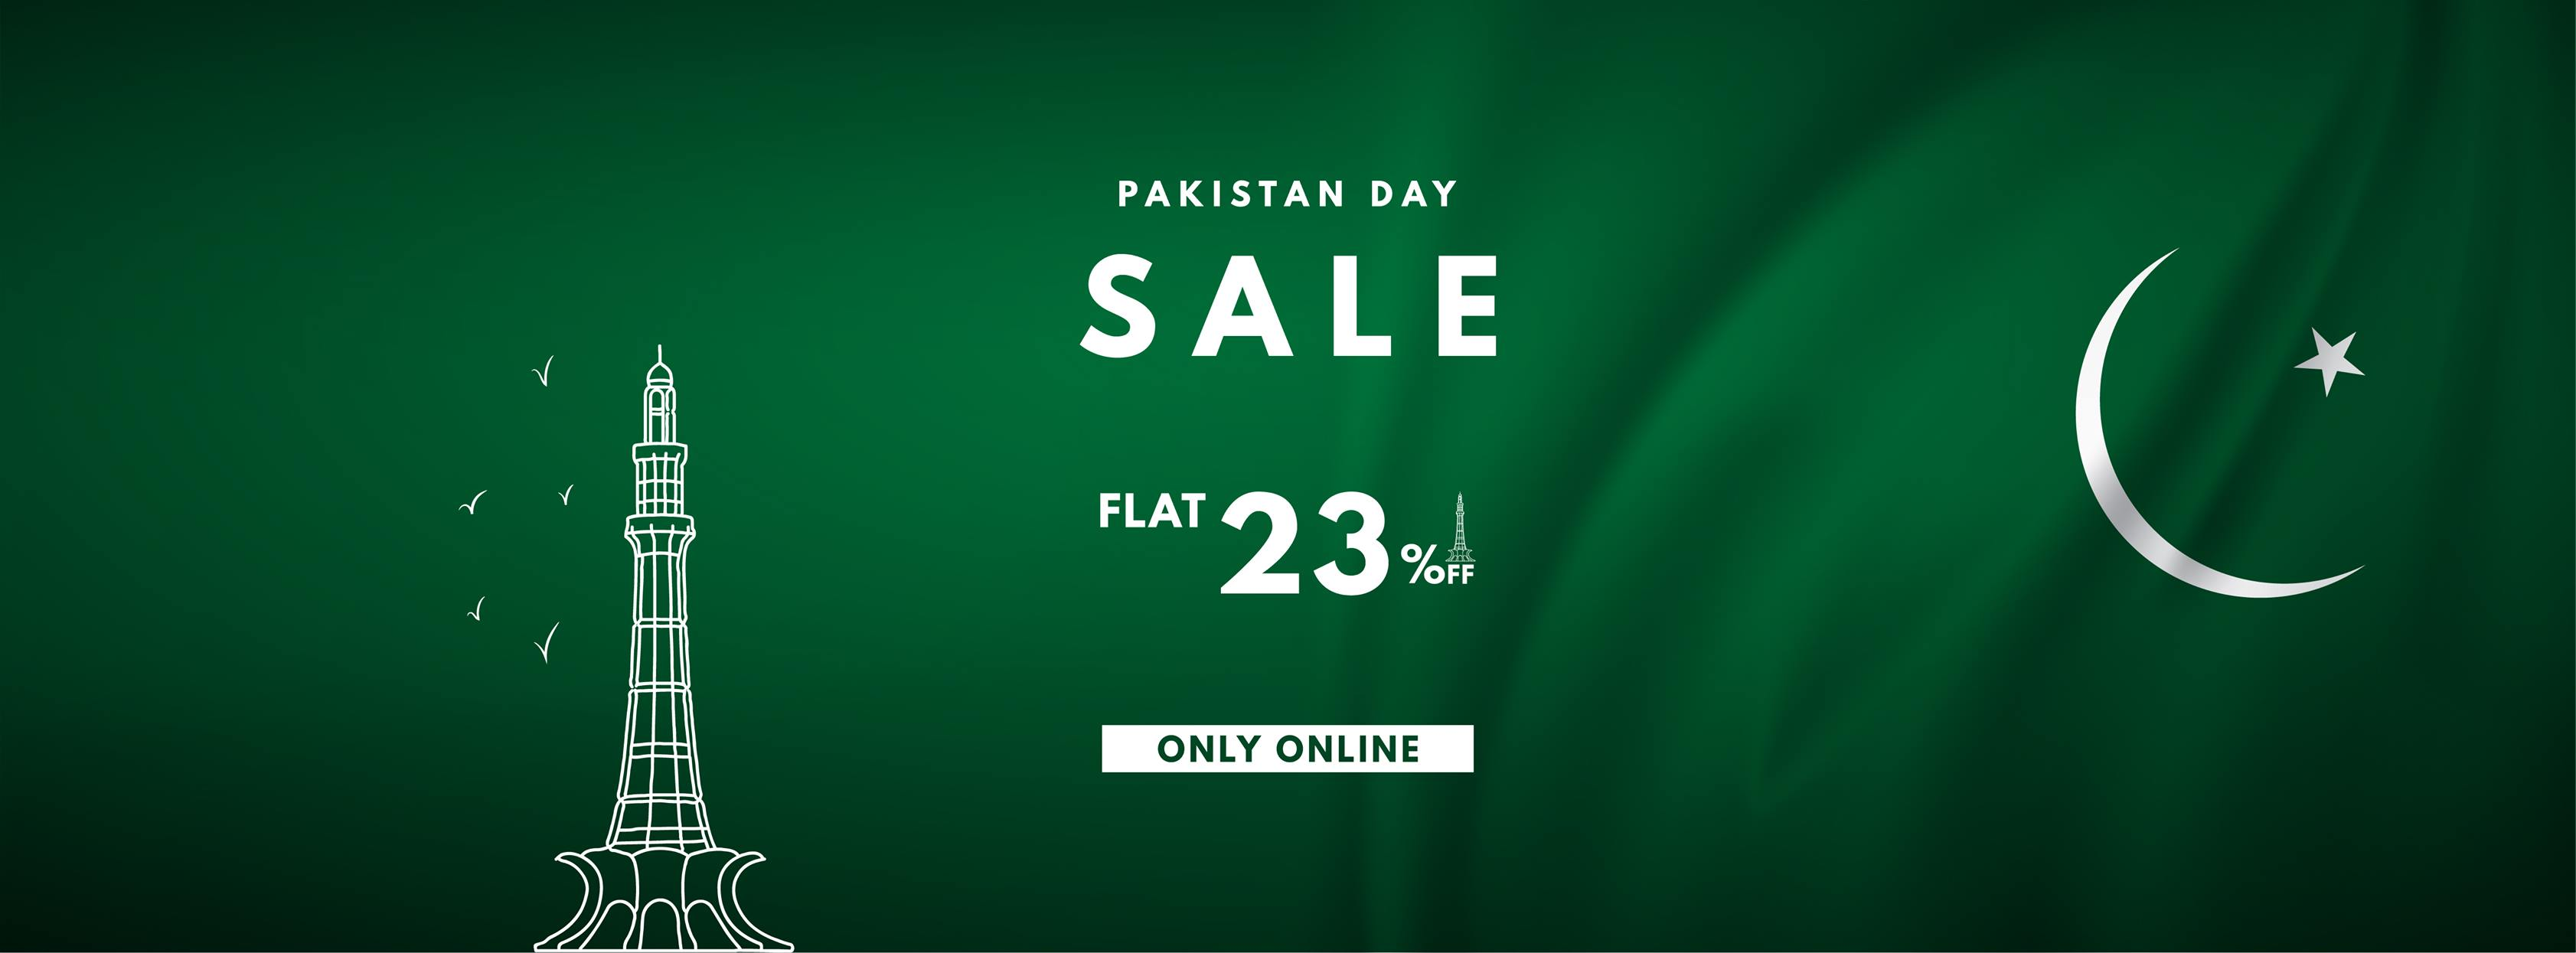 LittlePeople - Pakistan Day Sale